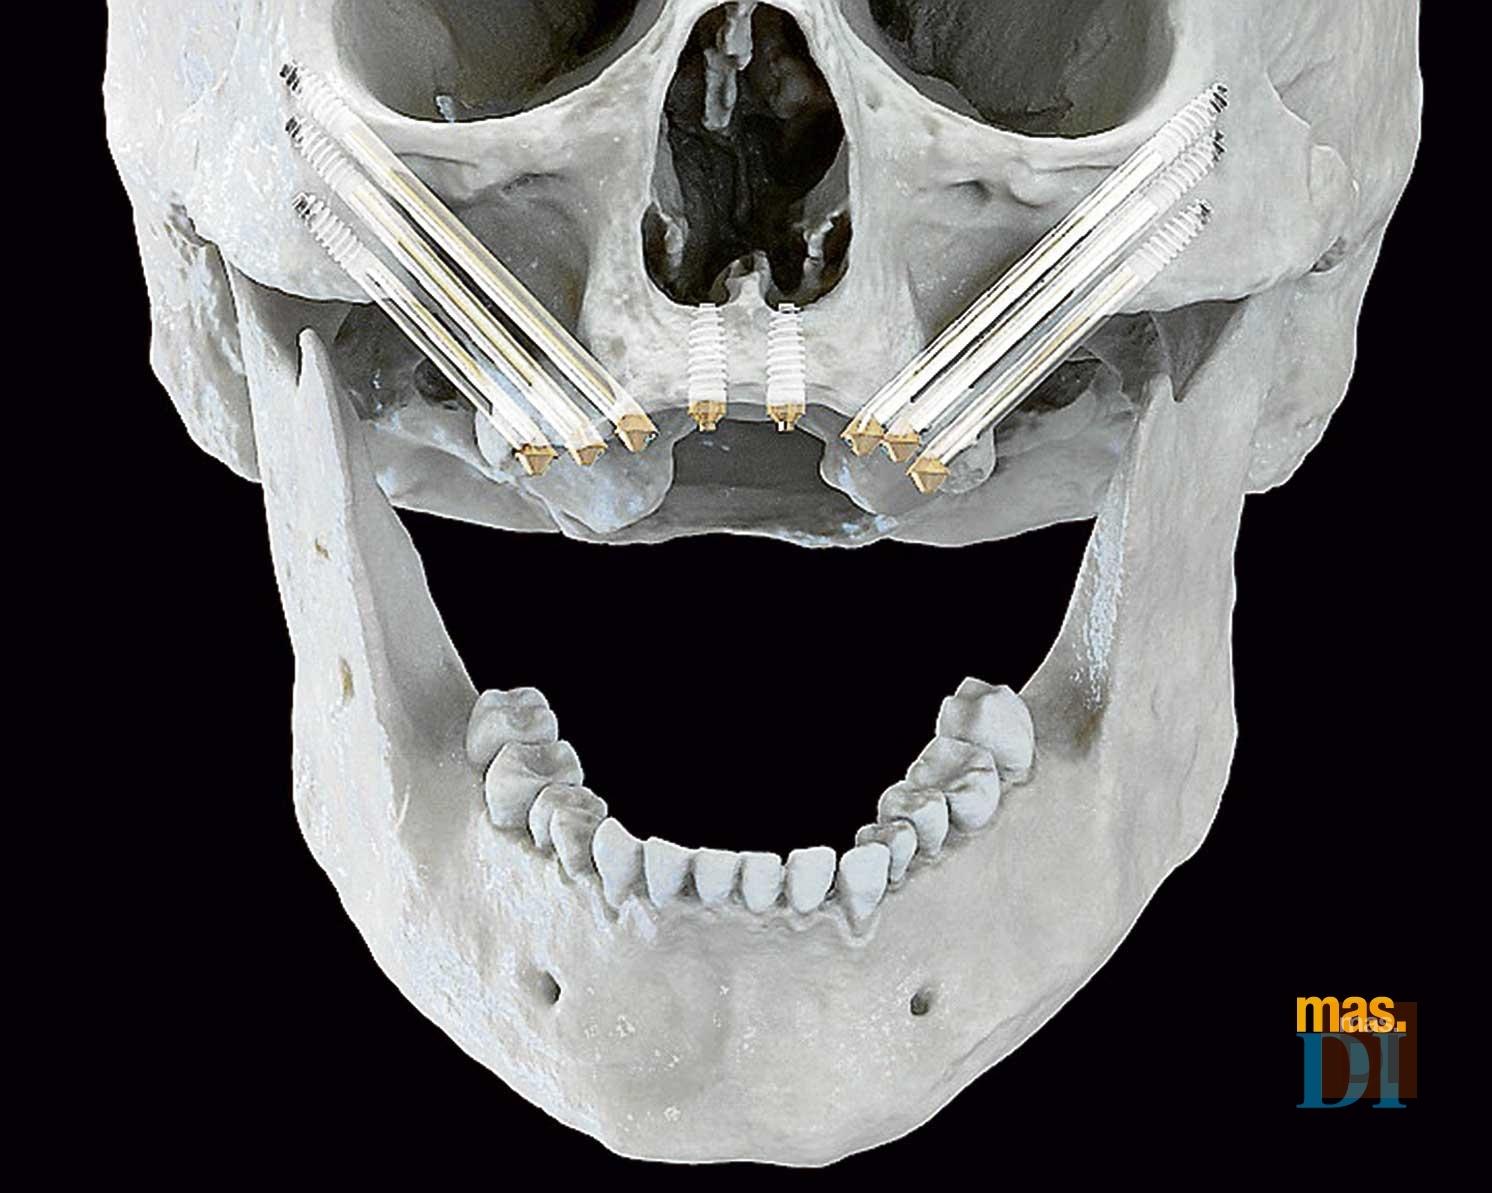 Alternativas a la regeneración ósea